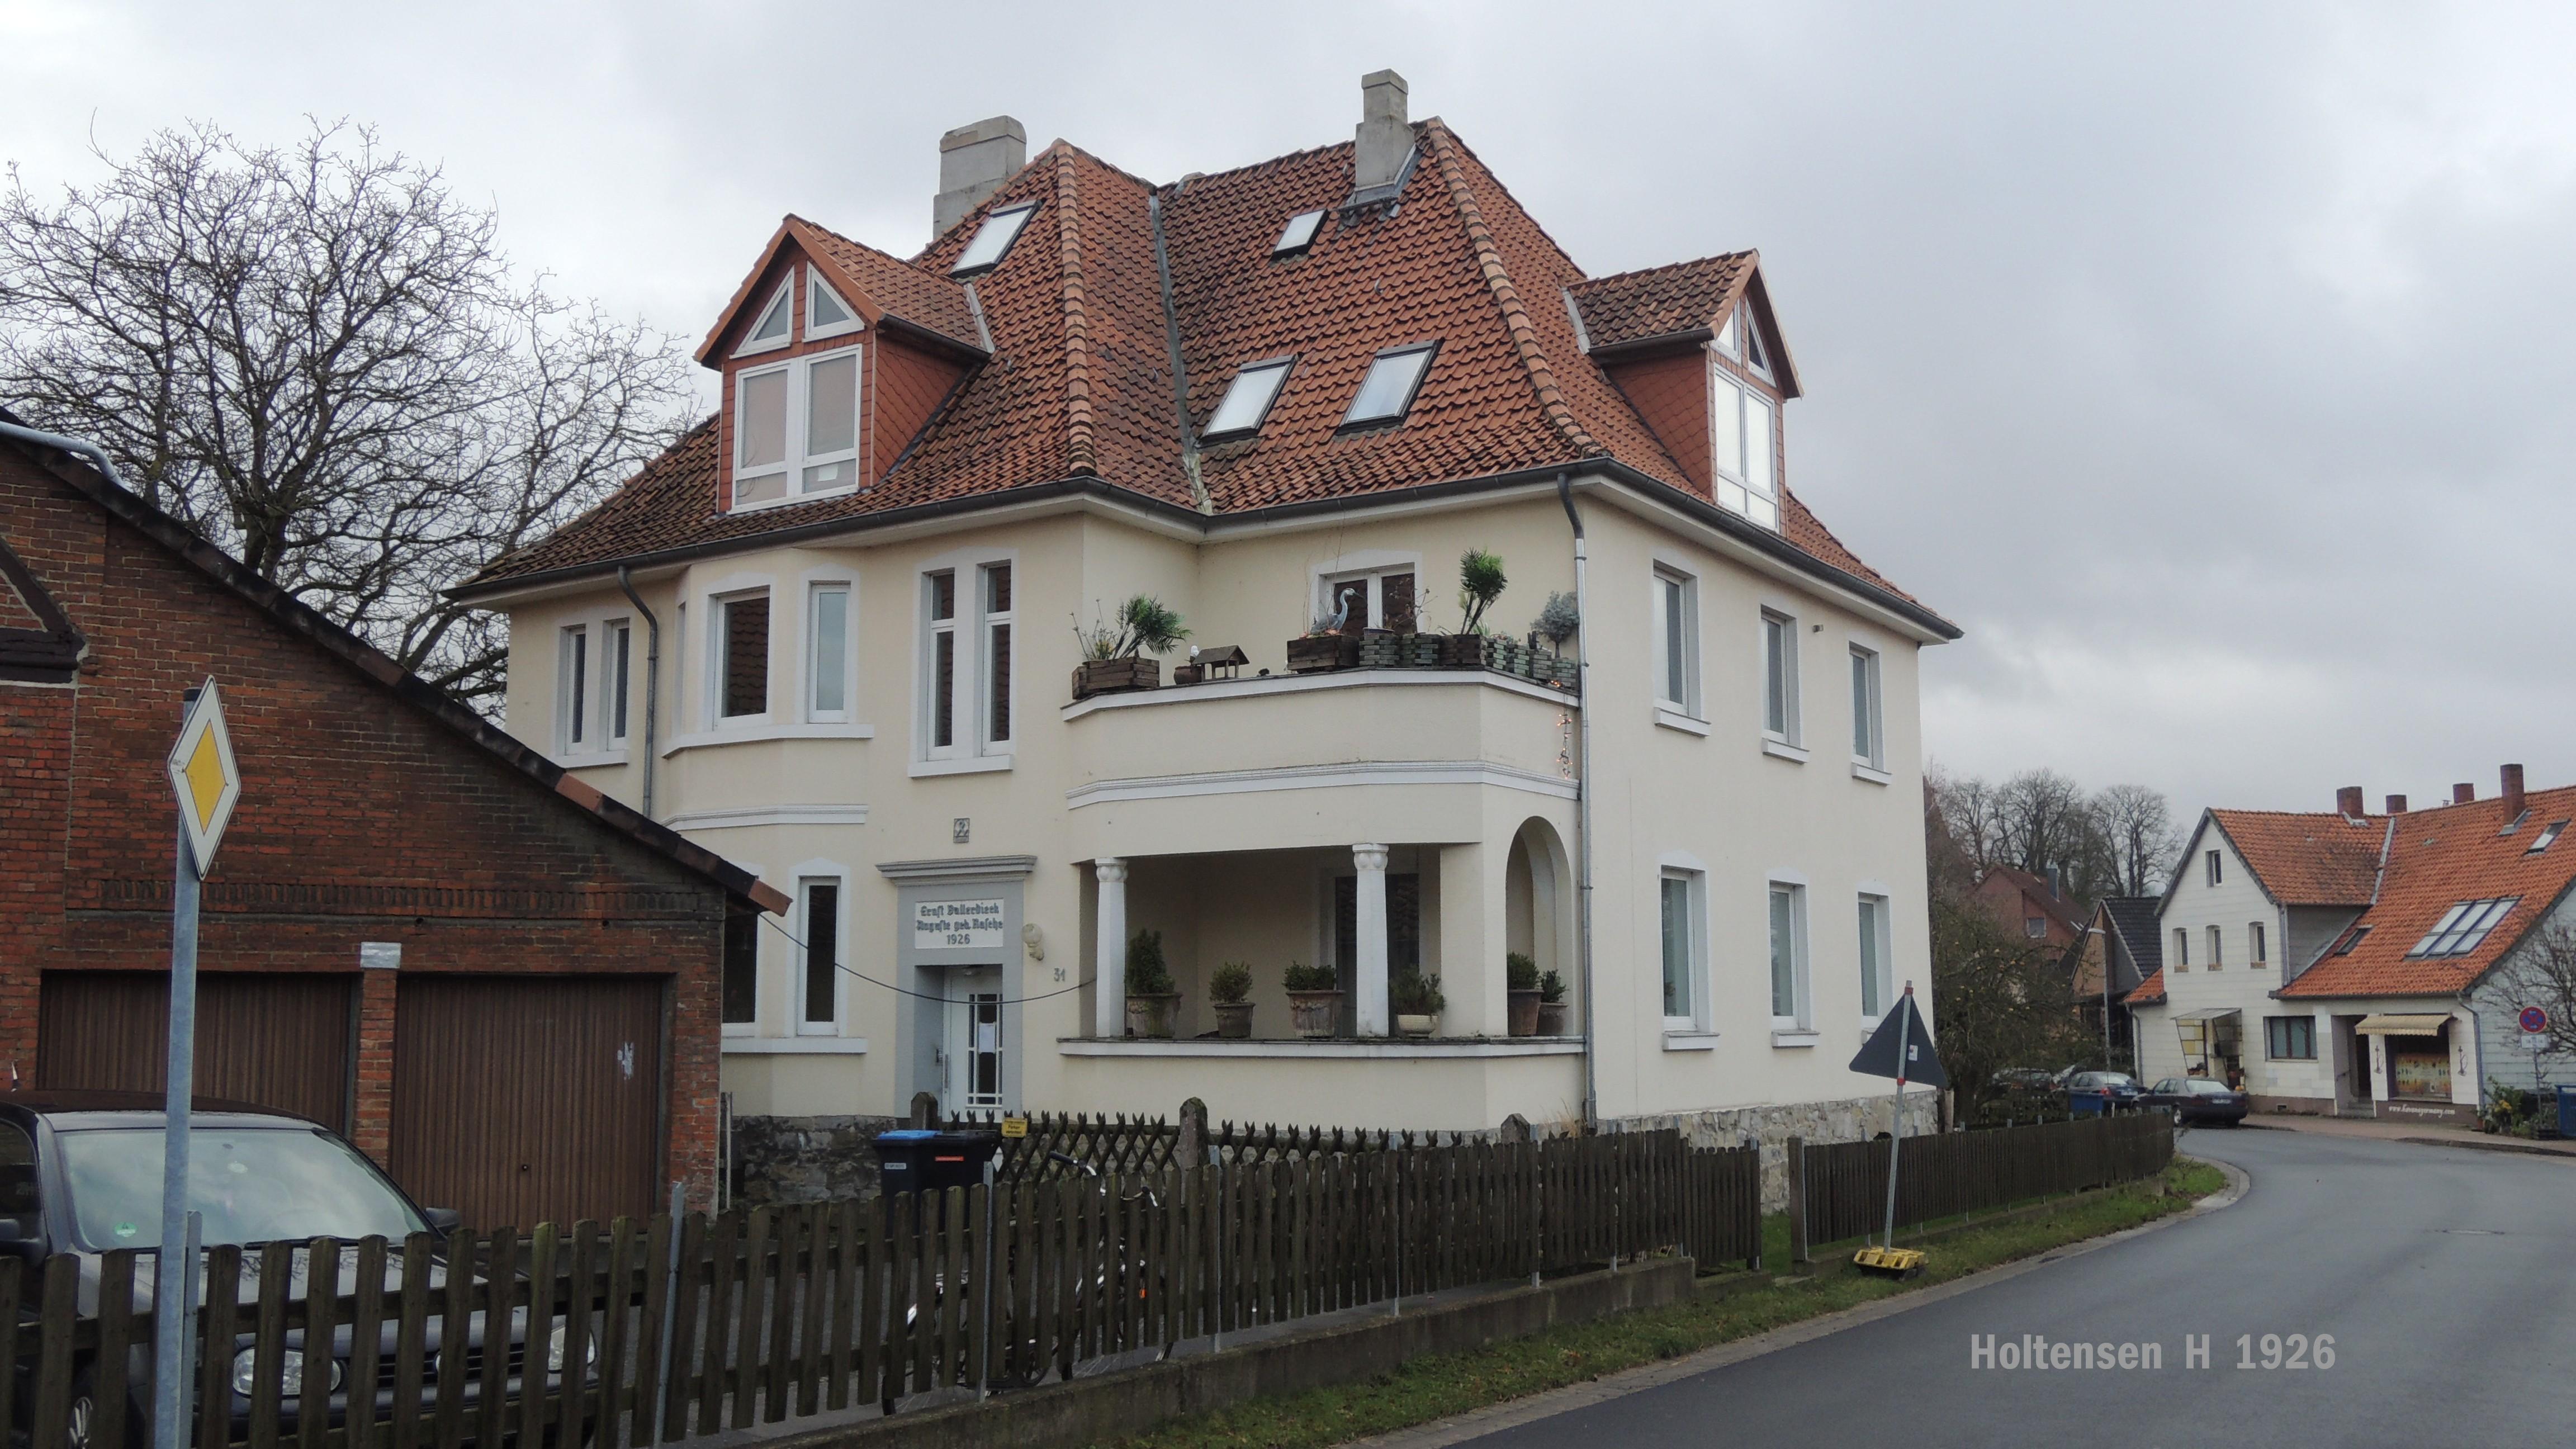 t-1926-holltensen-